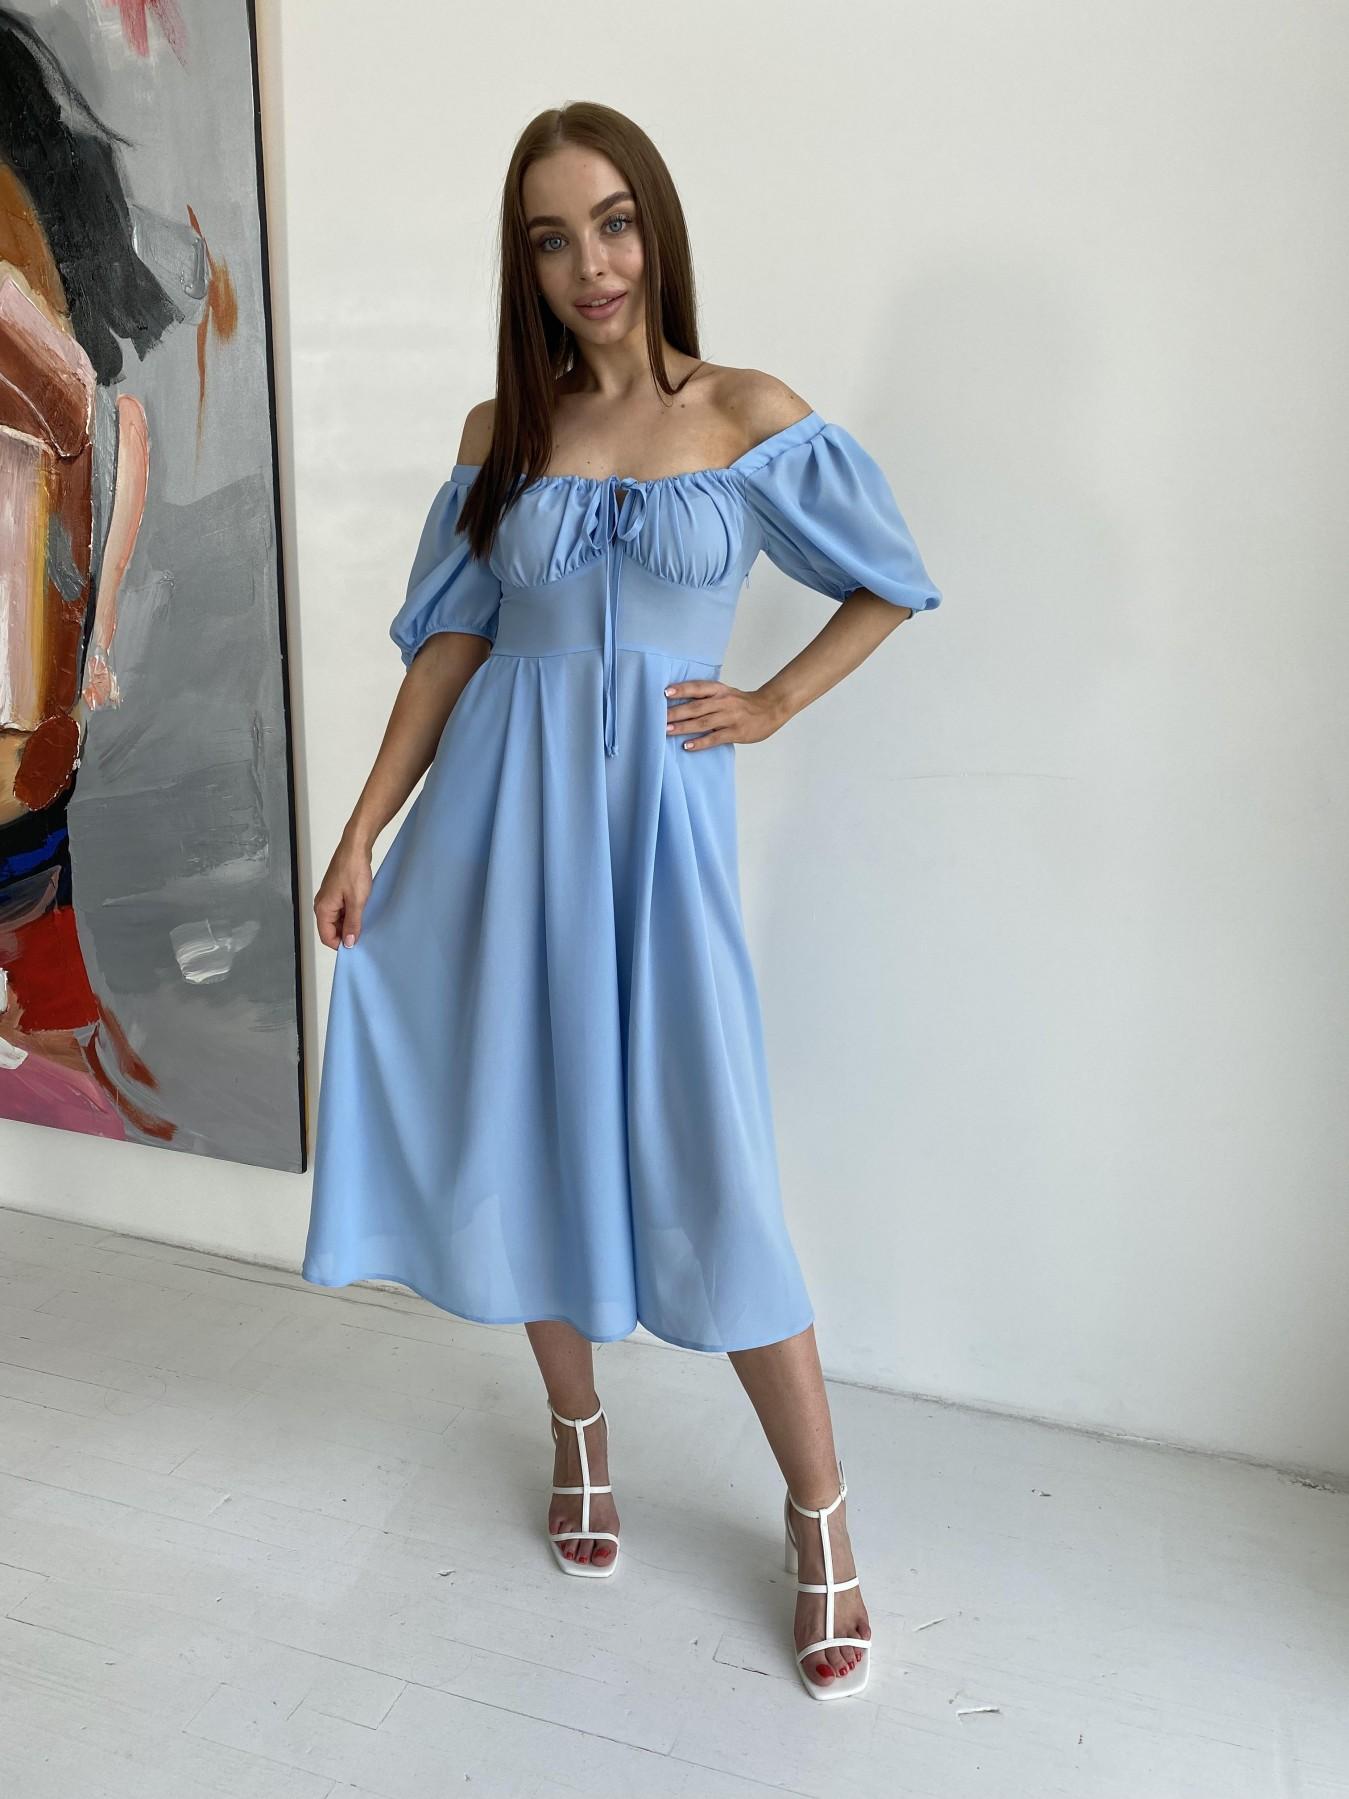 Кисес Миди платье из шифона креп 11443 АРТ. 48206 Цвет: Голубой 18 - фото 2, интернет магазин tm-modus.ru